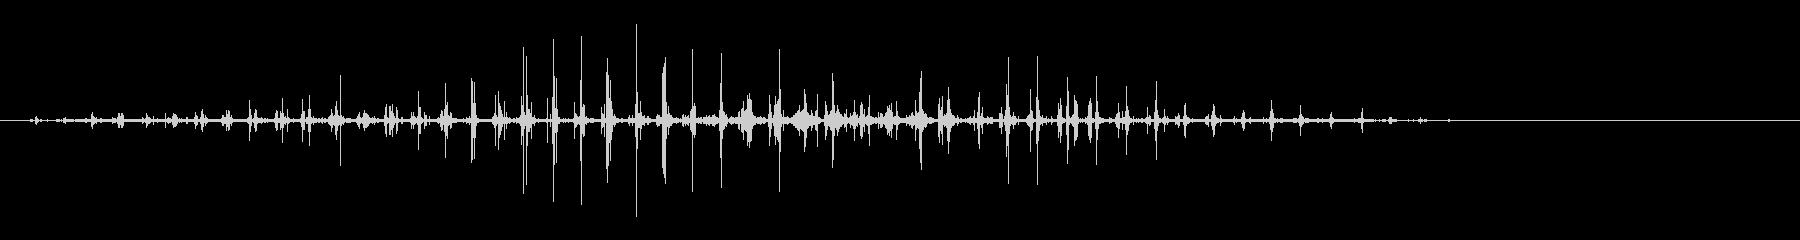 馬-カレラ-トロットの未再生の波形